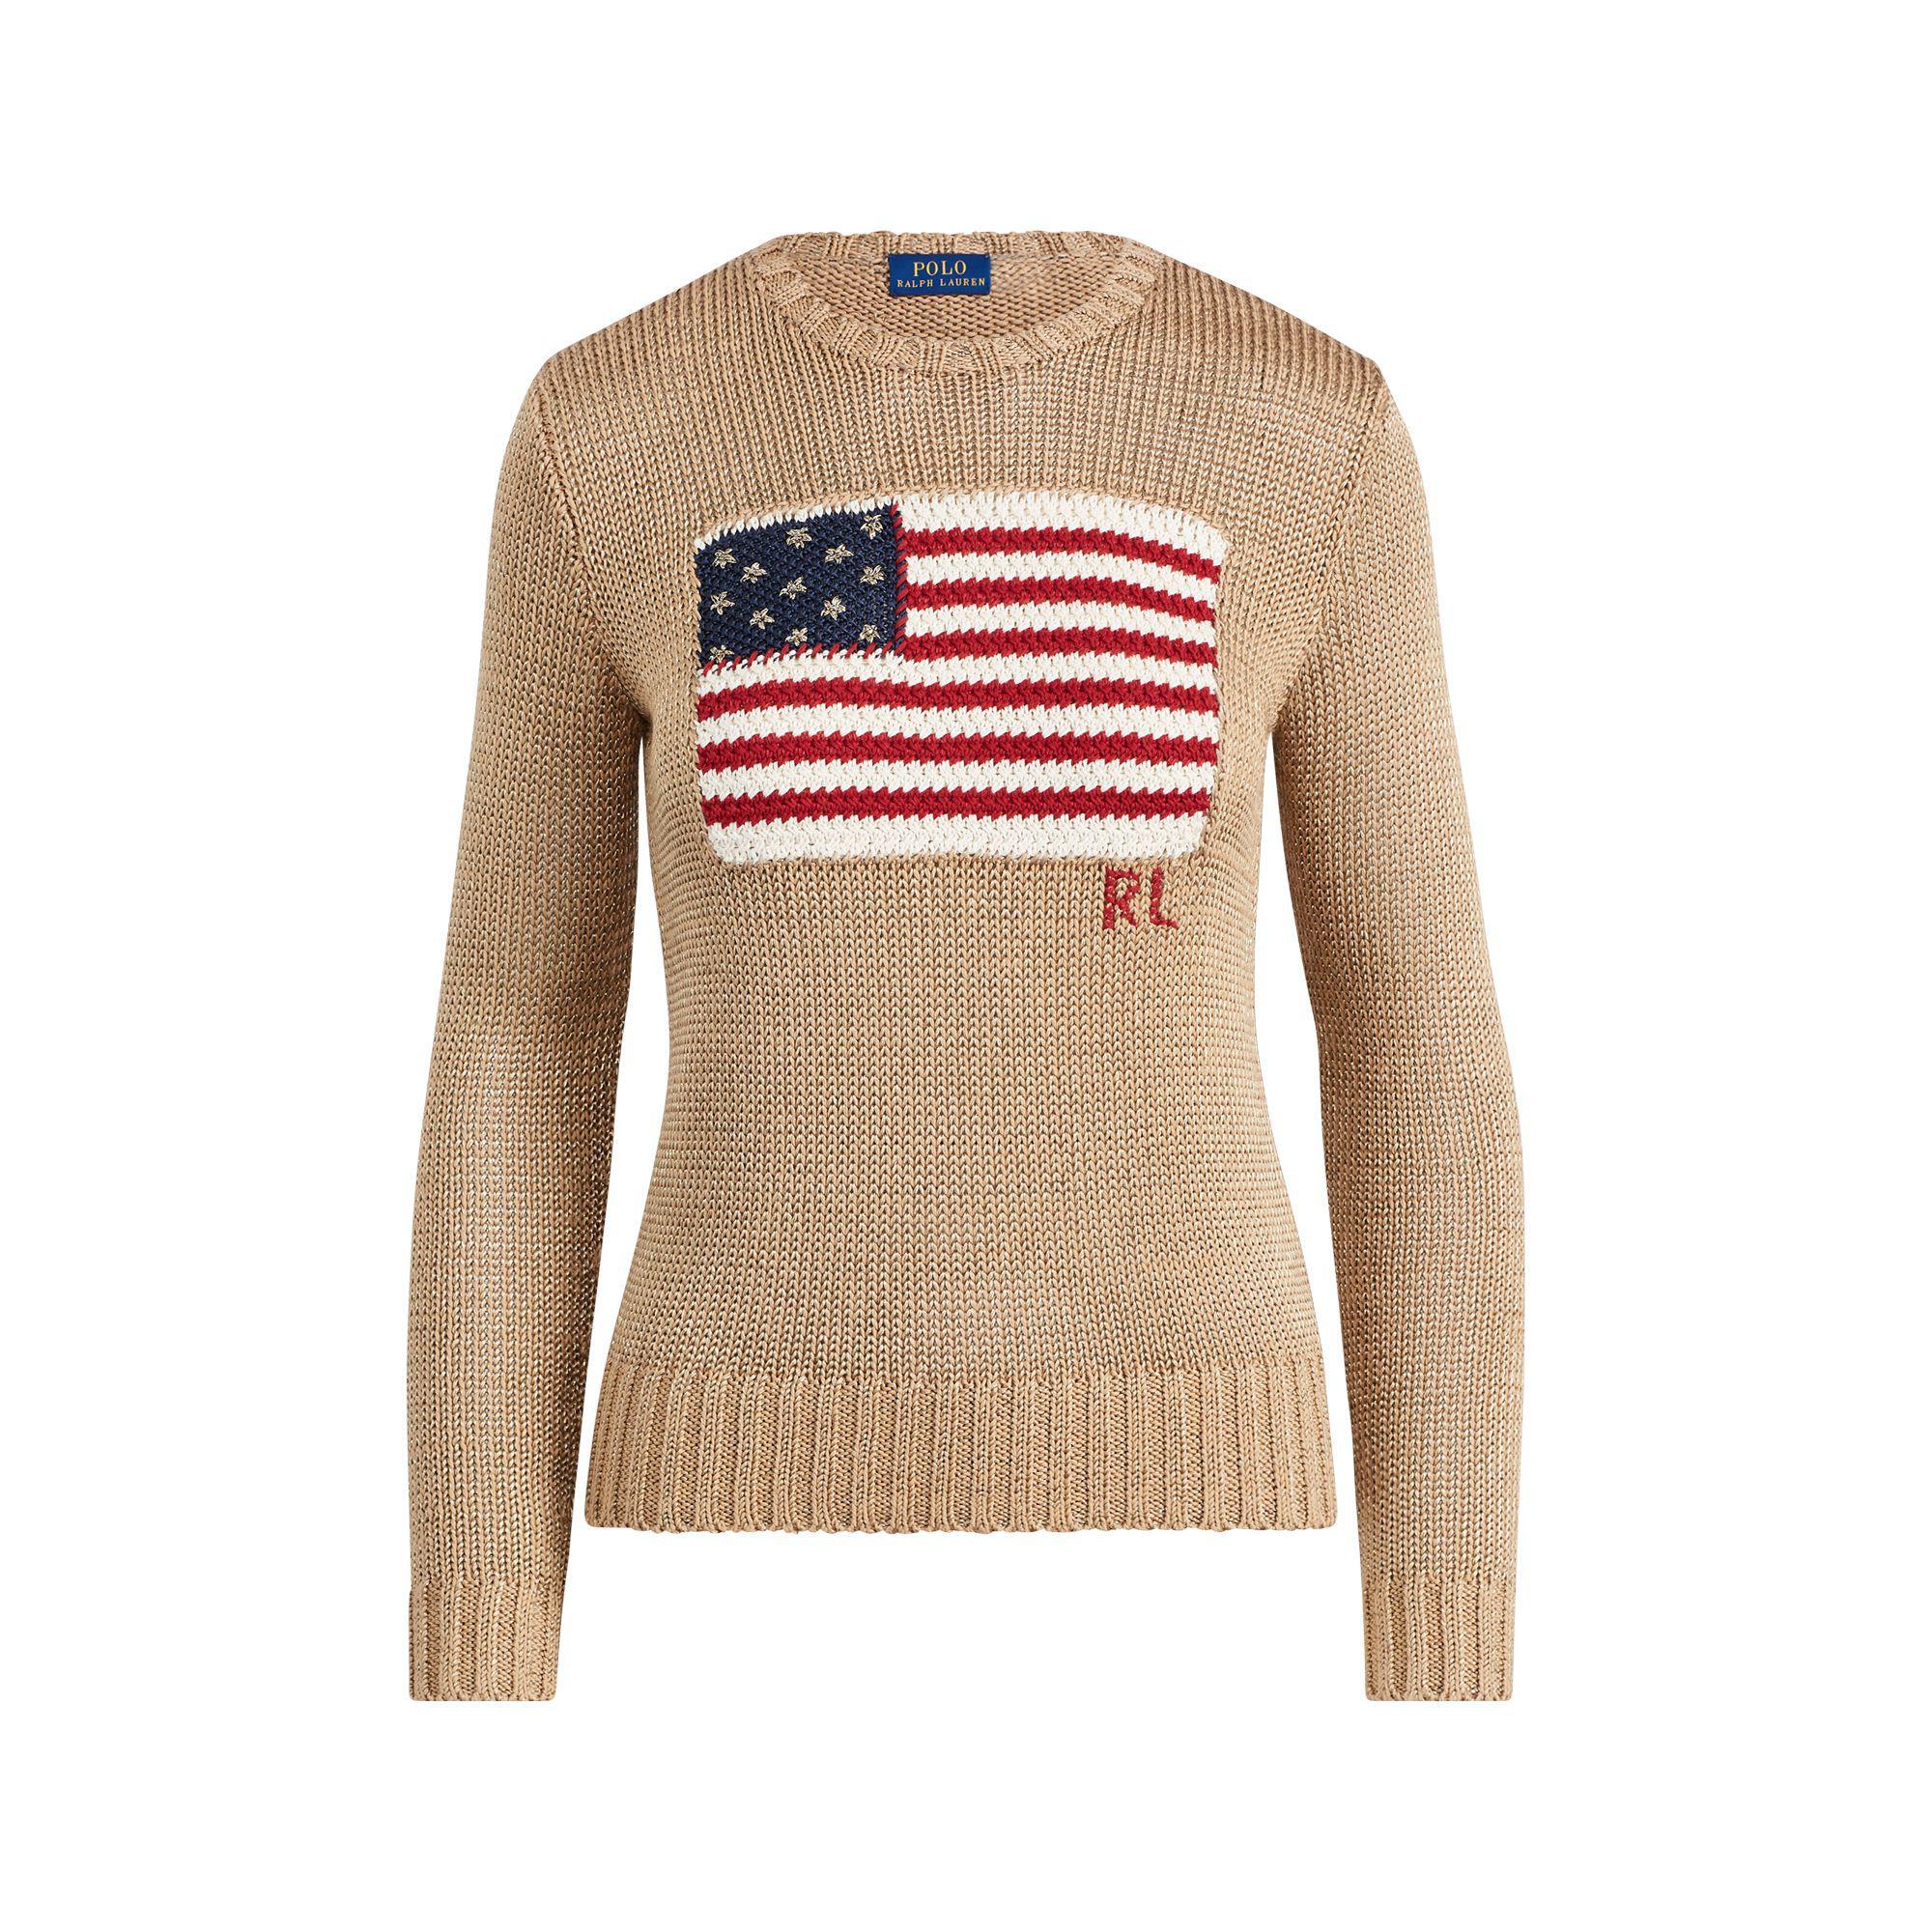 0e1d23e3e4 Lyst - Polo Ralph Lauren Golden Lamé Pullover With Flag Embroidery ...